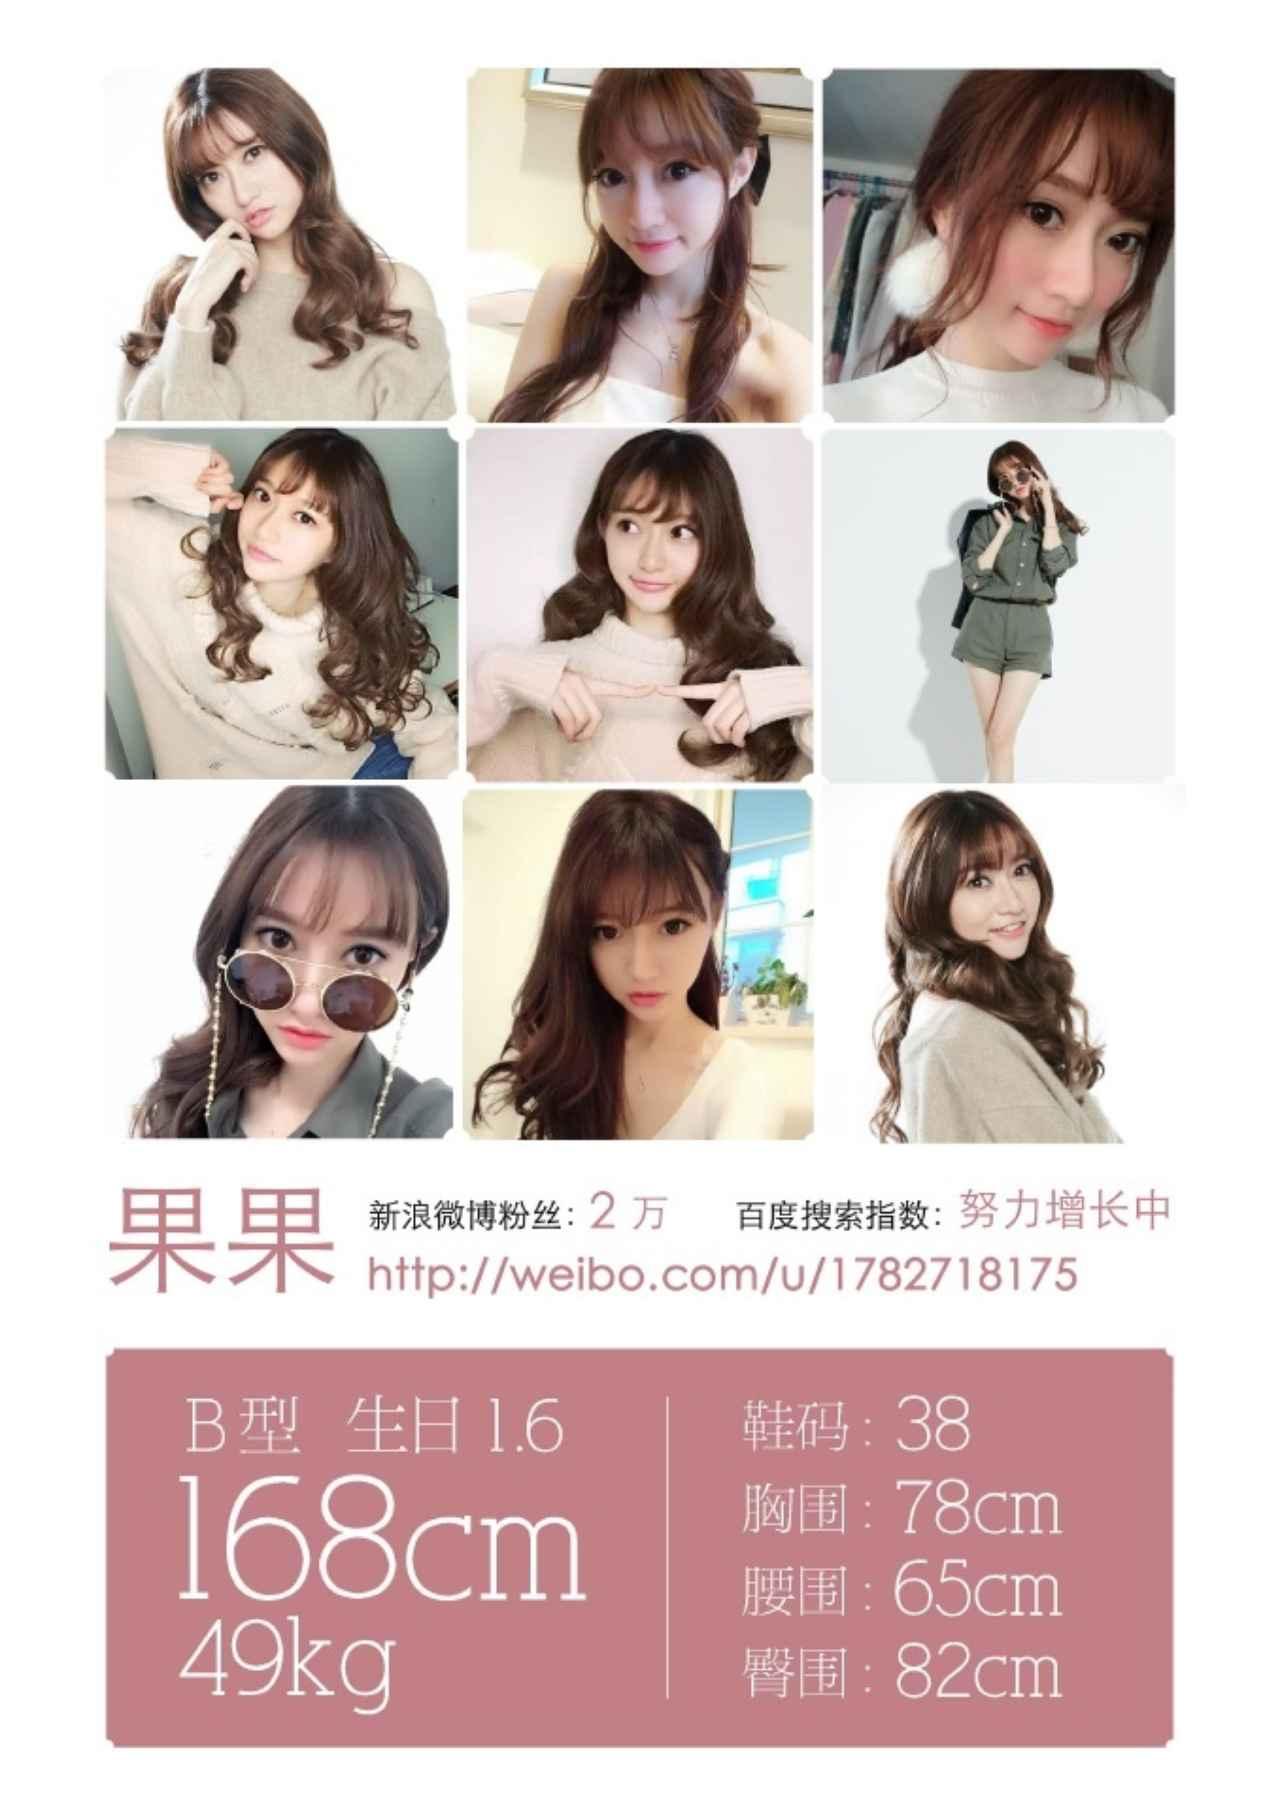 画像1: 倍率1,400倍!中国最大規模のモデルオーディション「瑞麗カバーガールオーディション2016」日本大会開催決定!